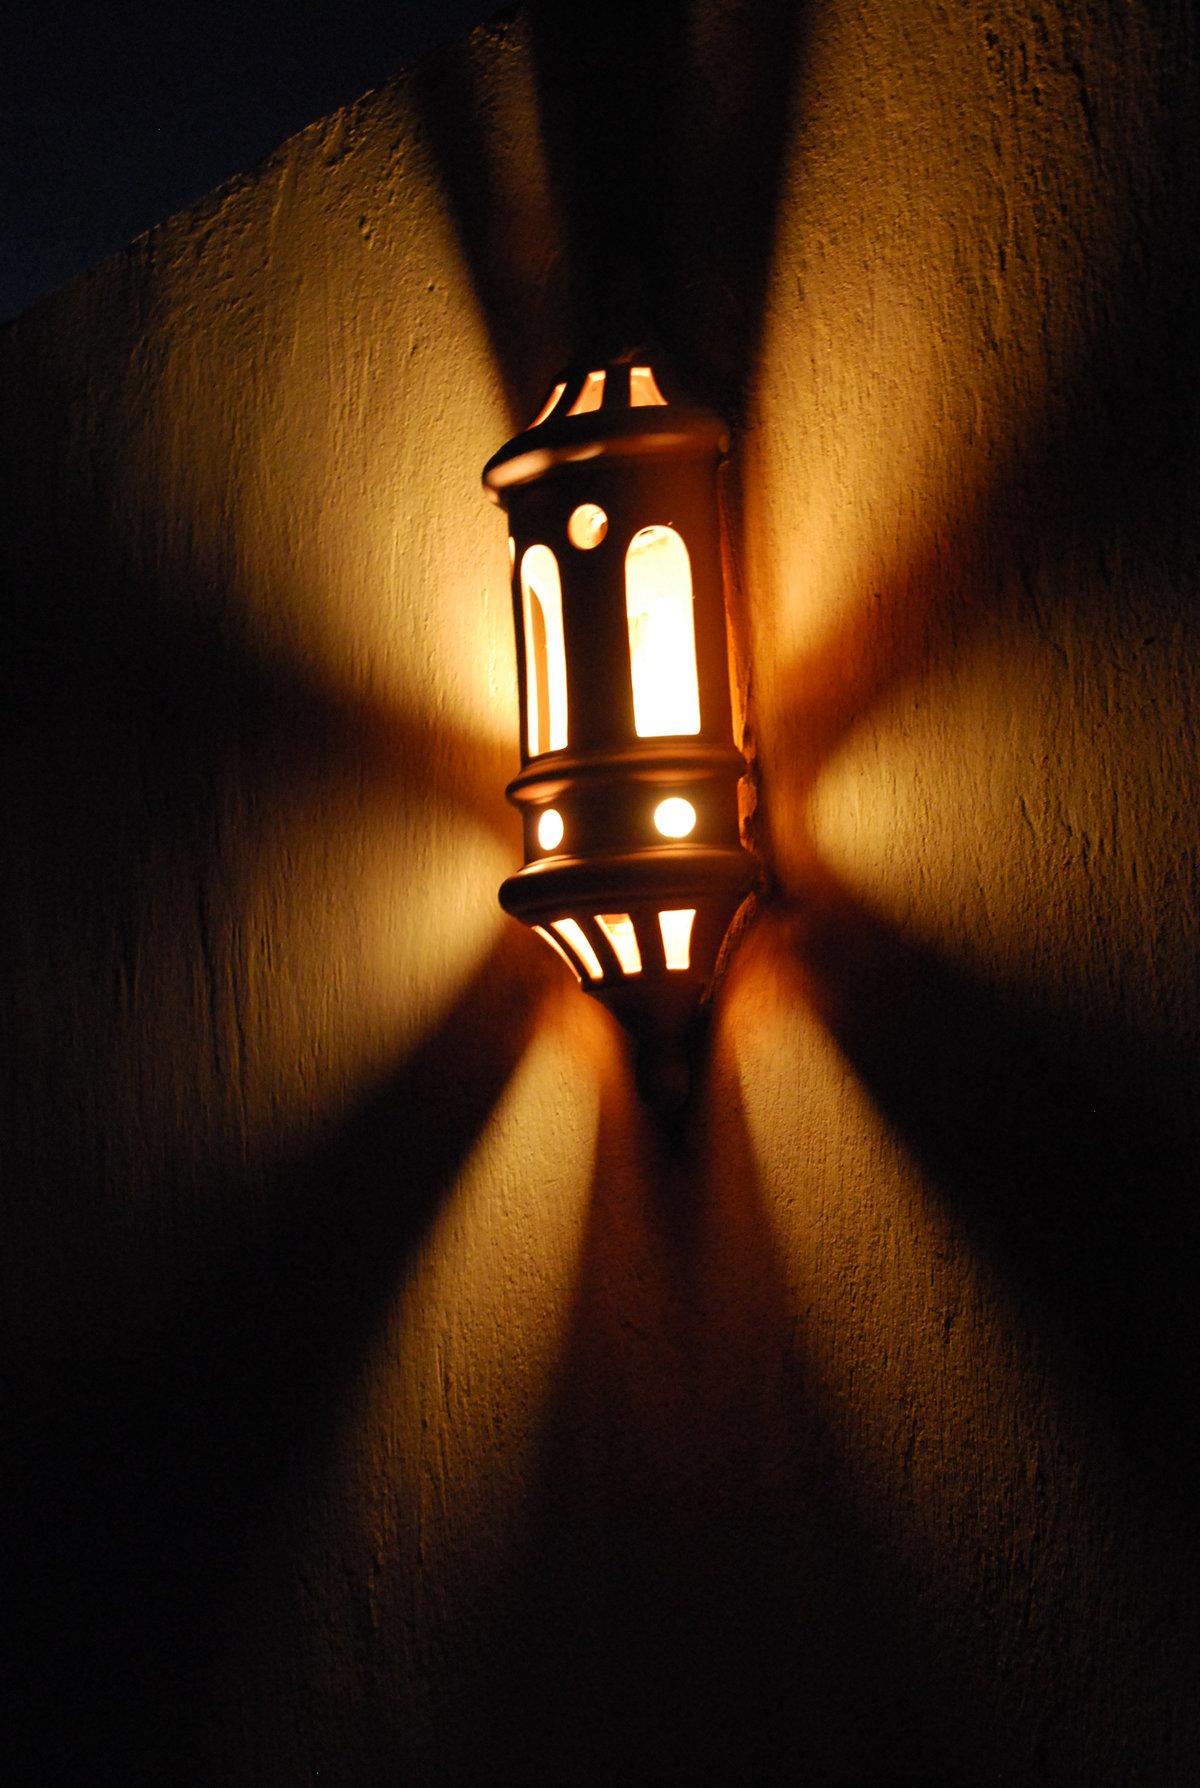 есть фотографии картинки фонарь ночью этом футболист